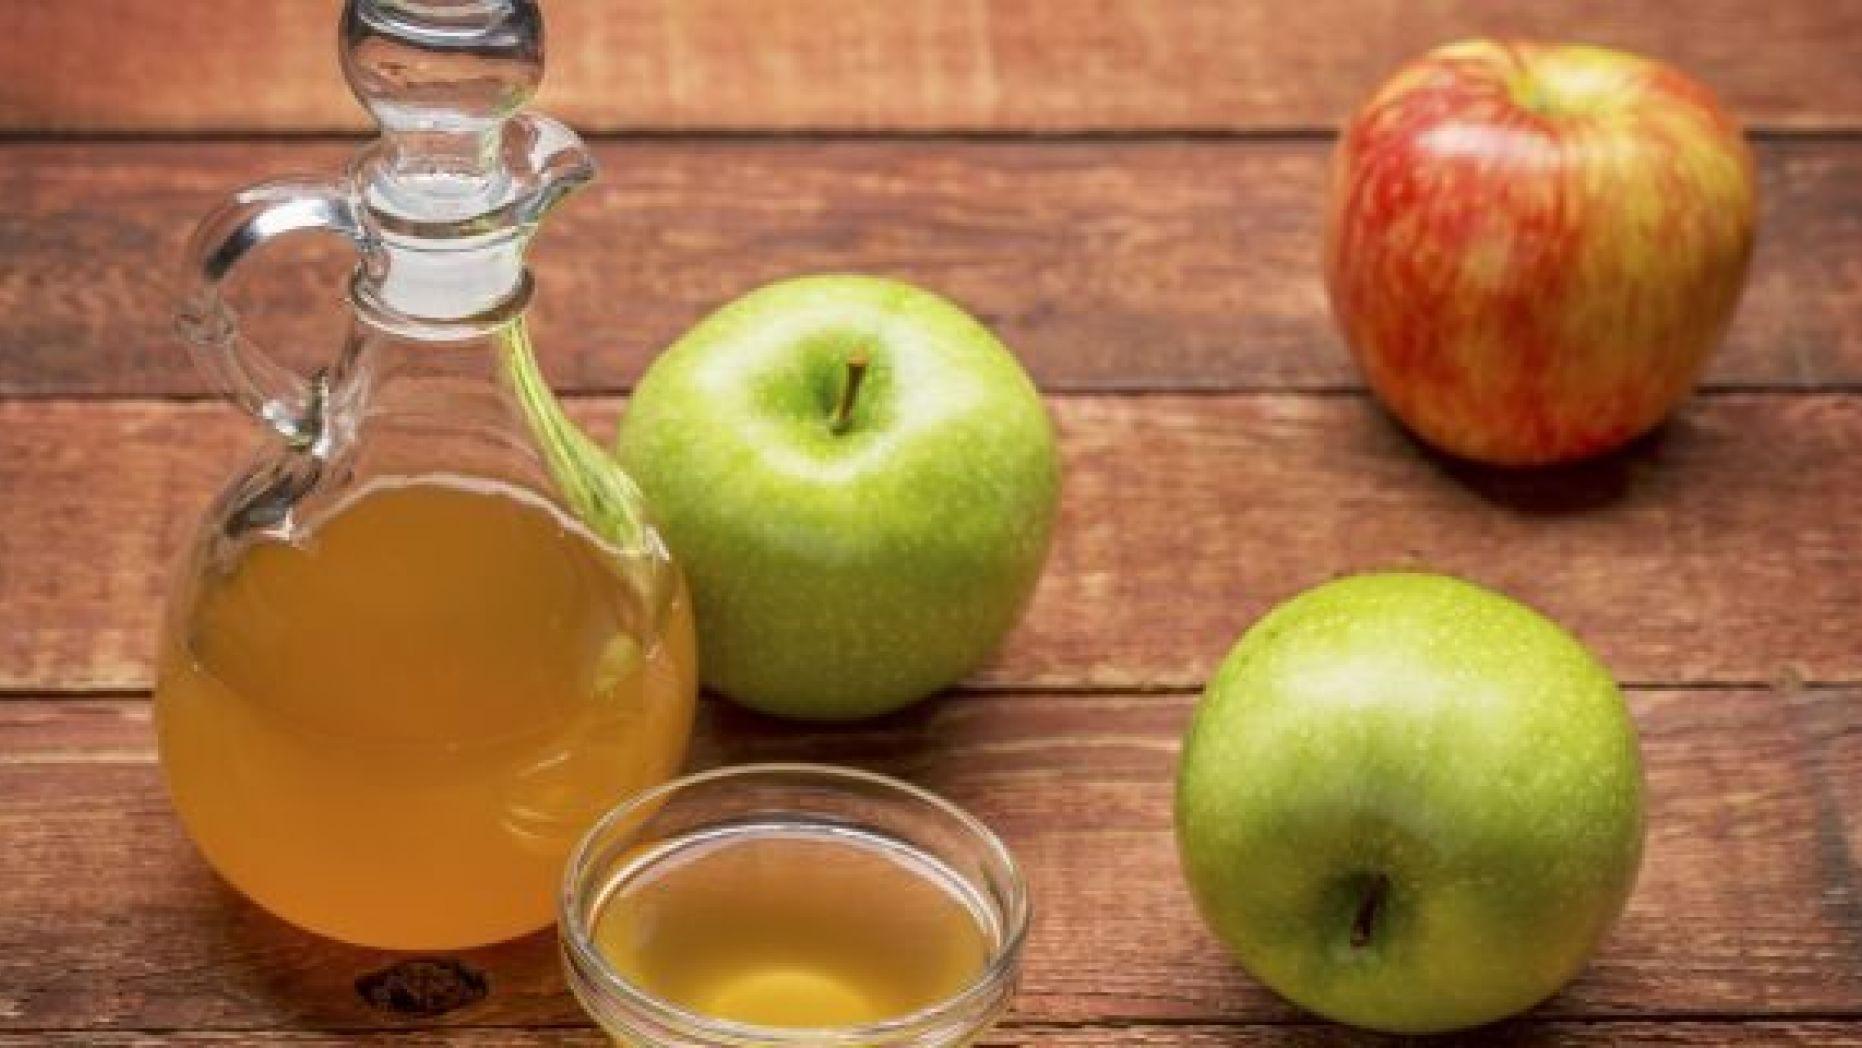 Le vinaigre de cidre de pomme peut-il aider à perdre du poids